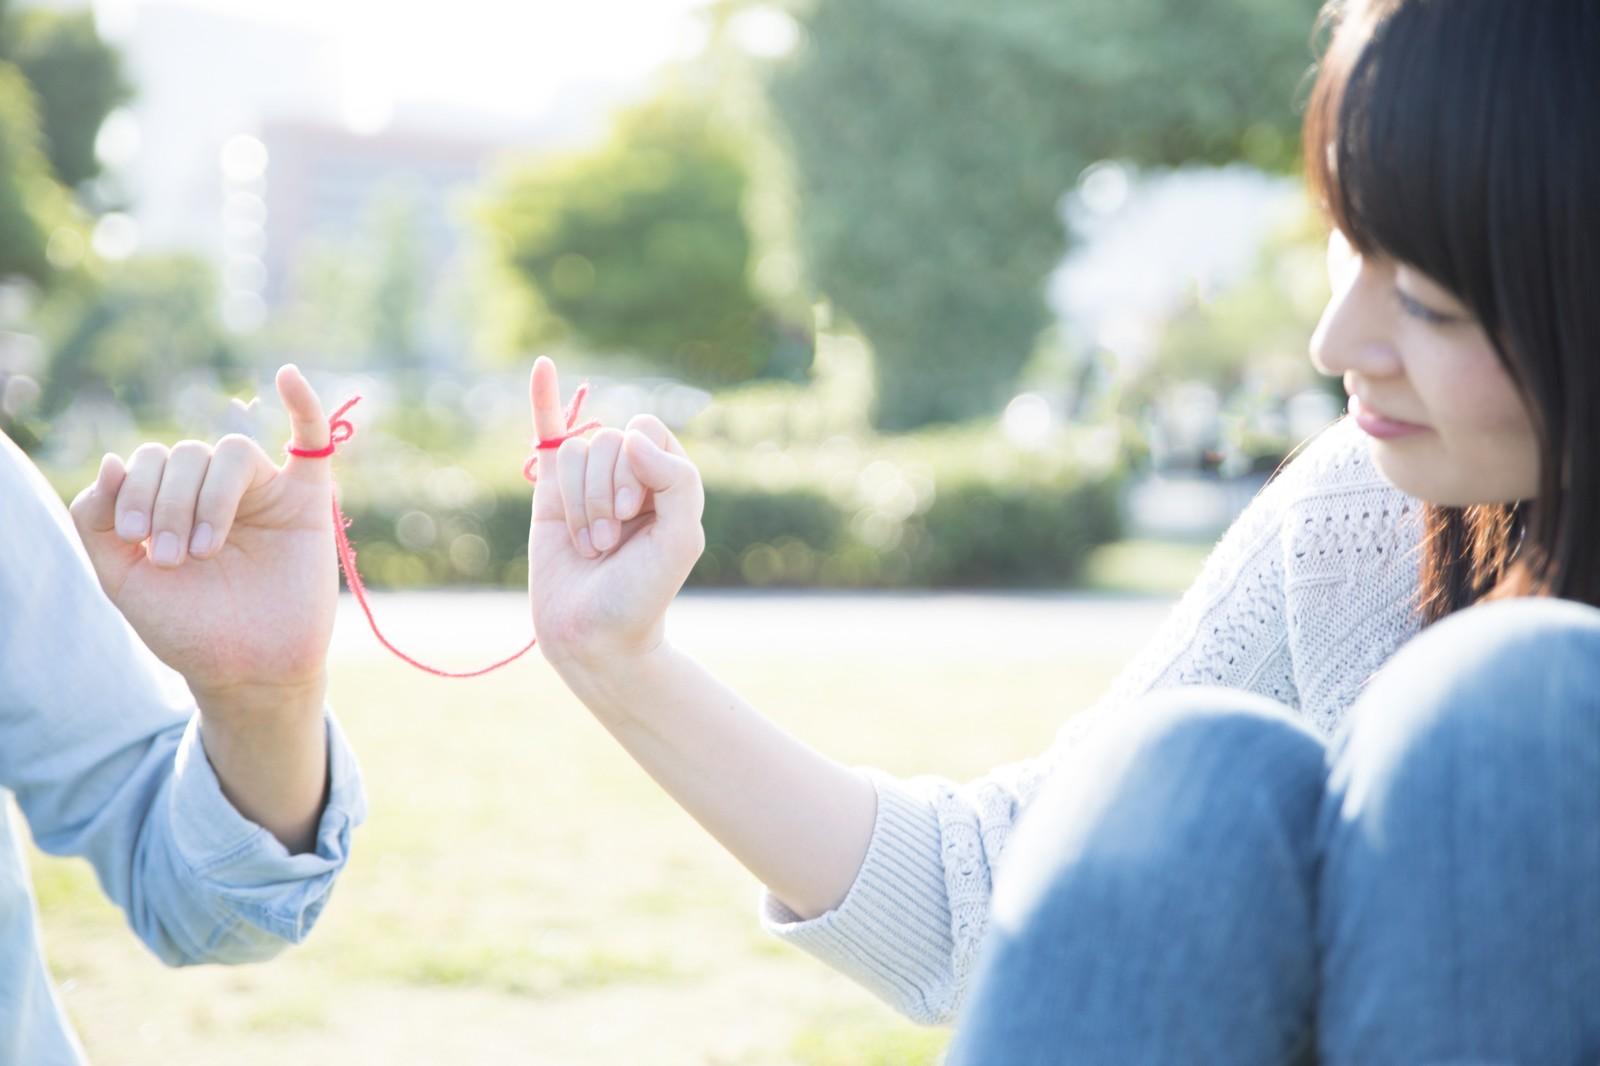 小指を赤い糸で繋ぎあった男女